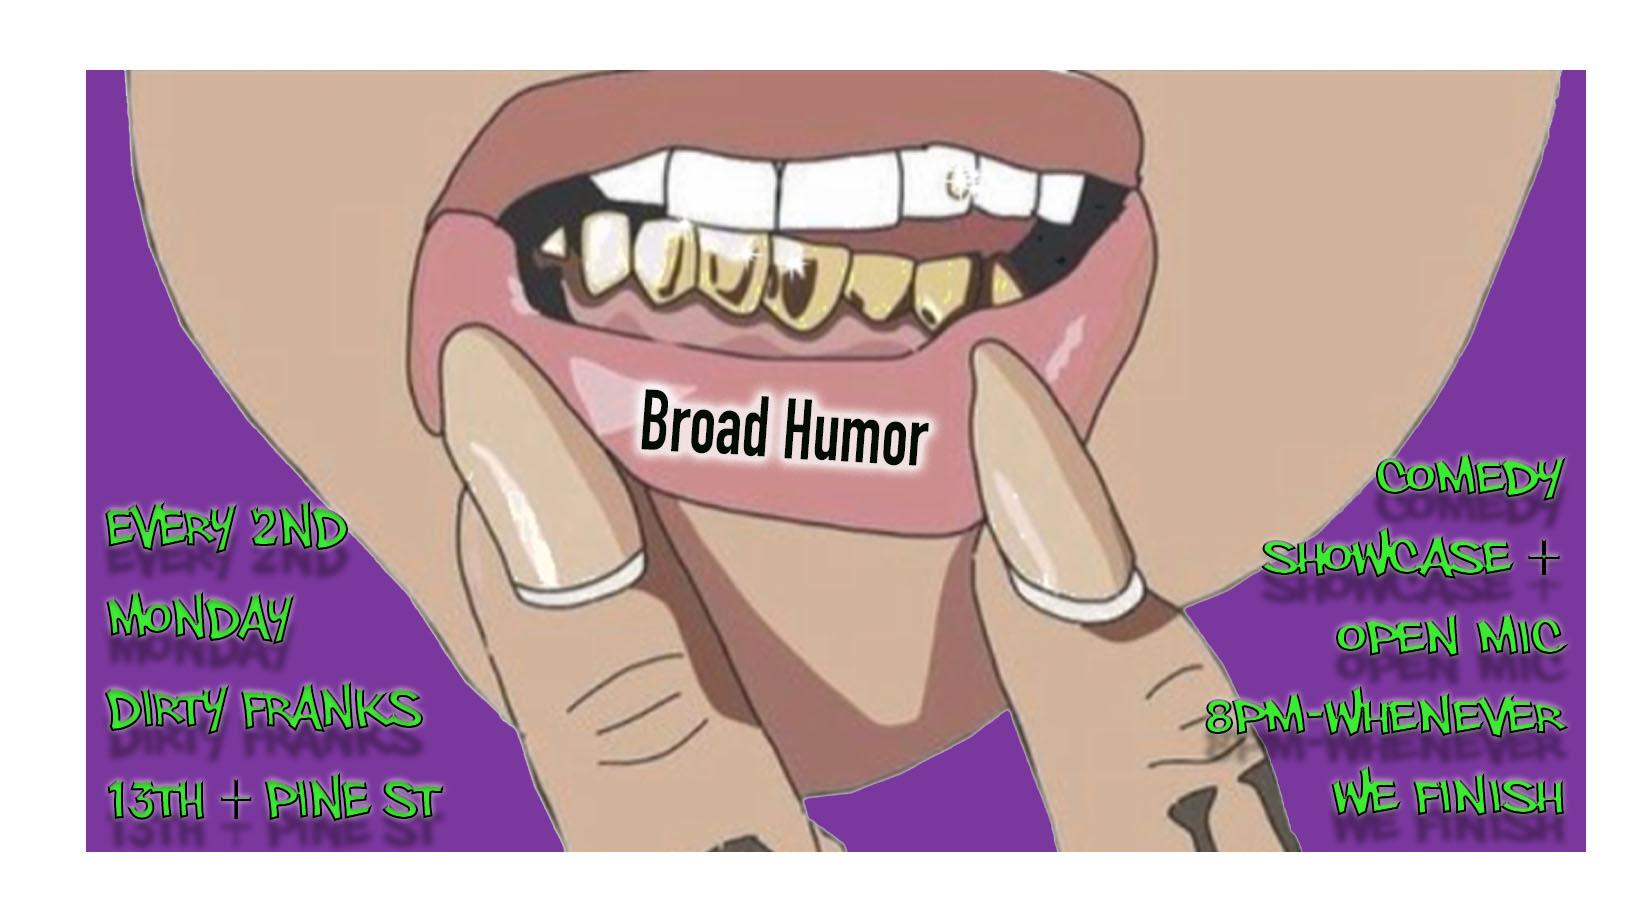 broad humor flyer - Heather Raquel Phillips.jpg